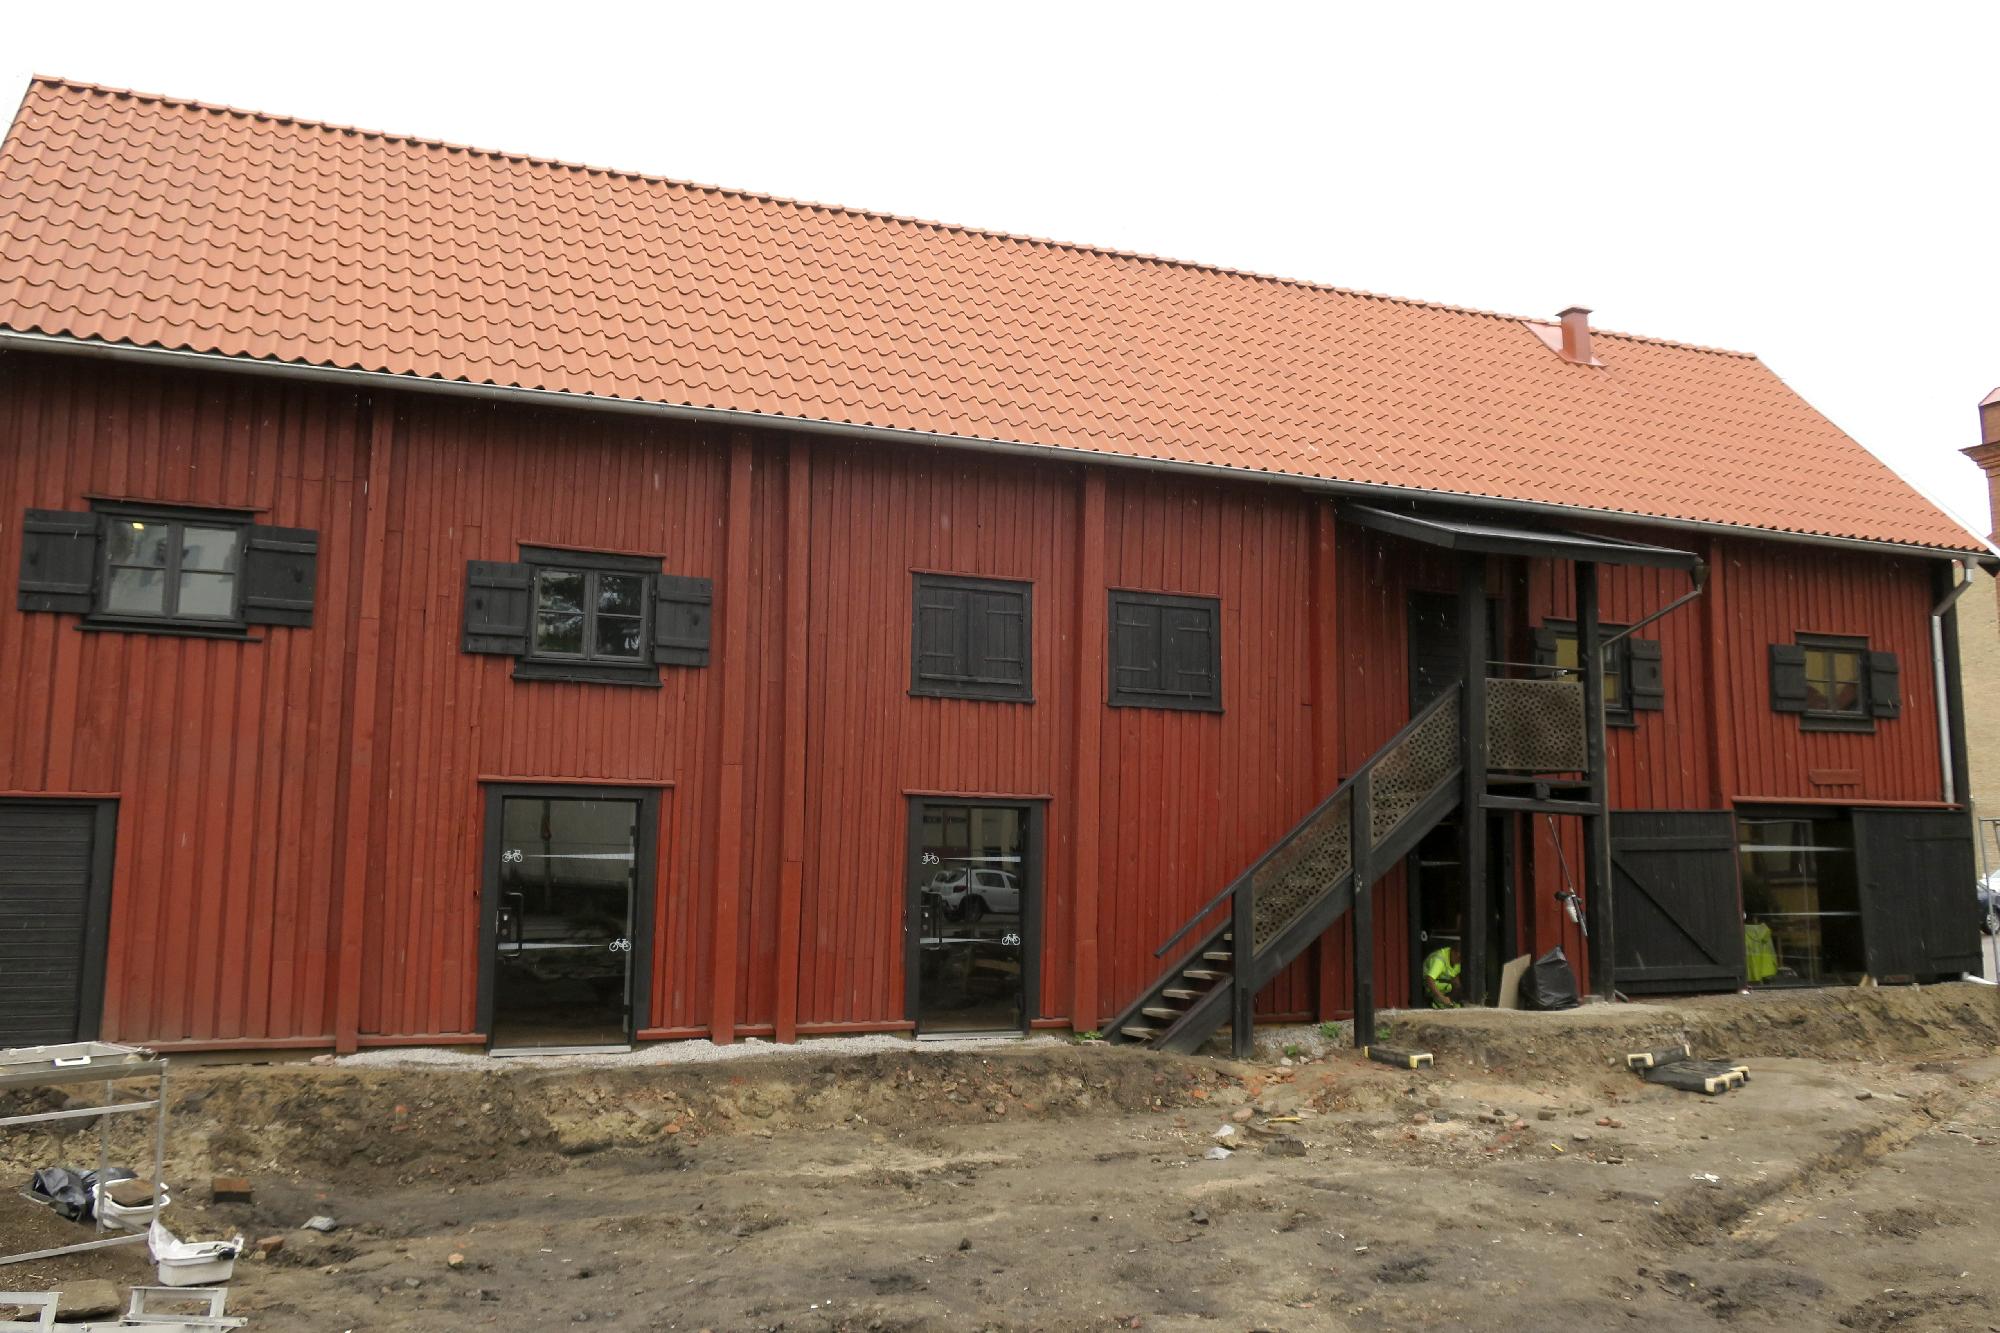 Renoverad magasinsbyggnad med anor från 1700-talet. Det röda huset är idag helt renoverat och den ursprungligen var det troligen ofärgat. Foto: Arkeologerna.